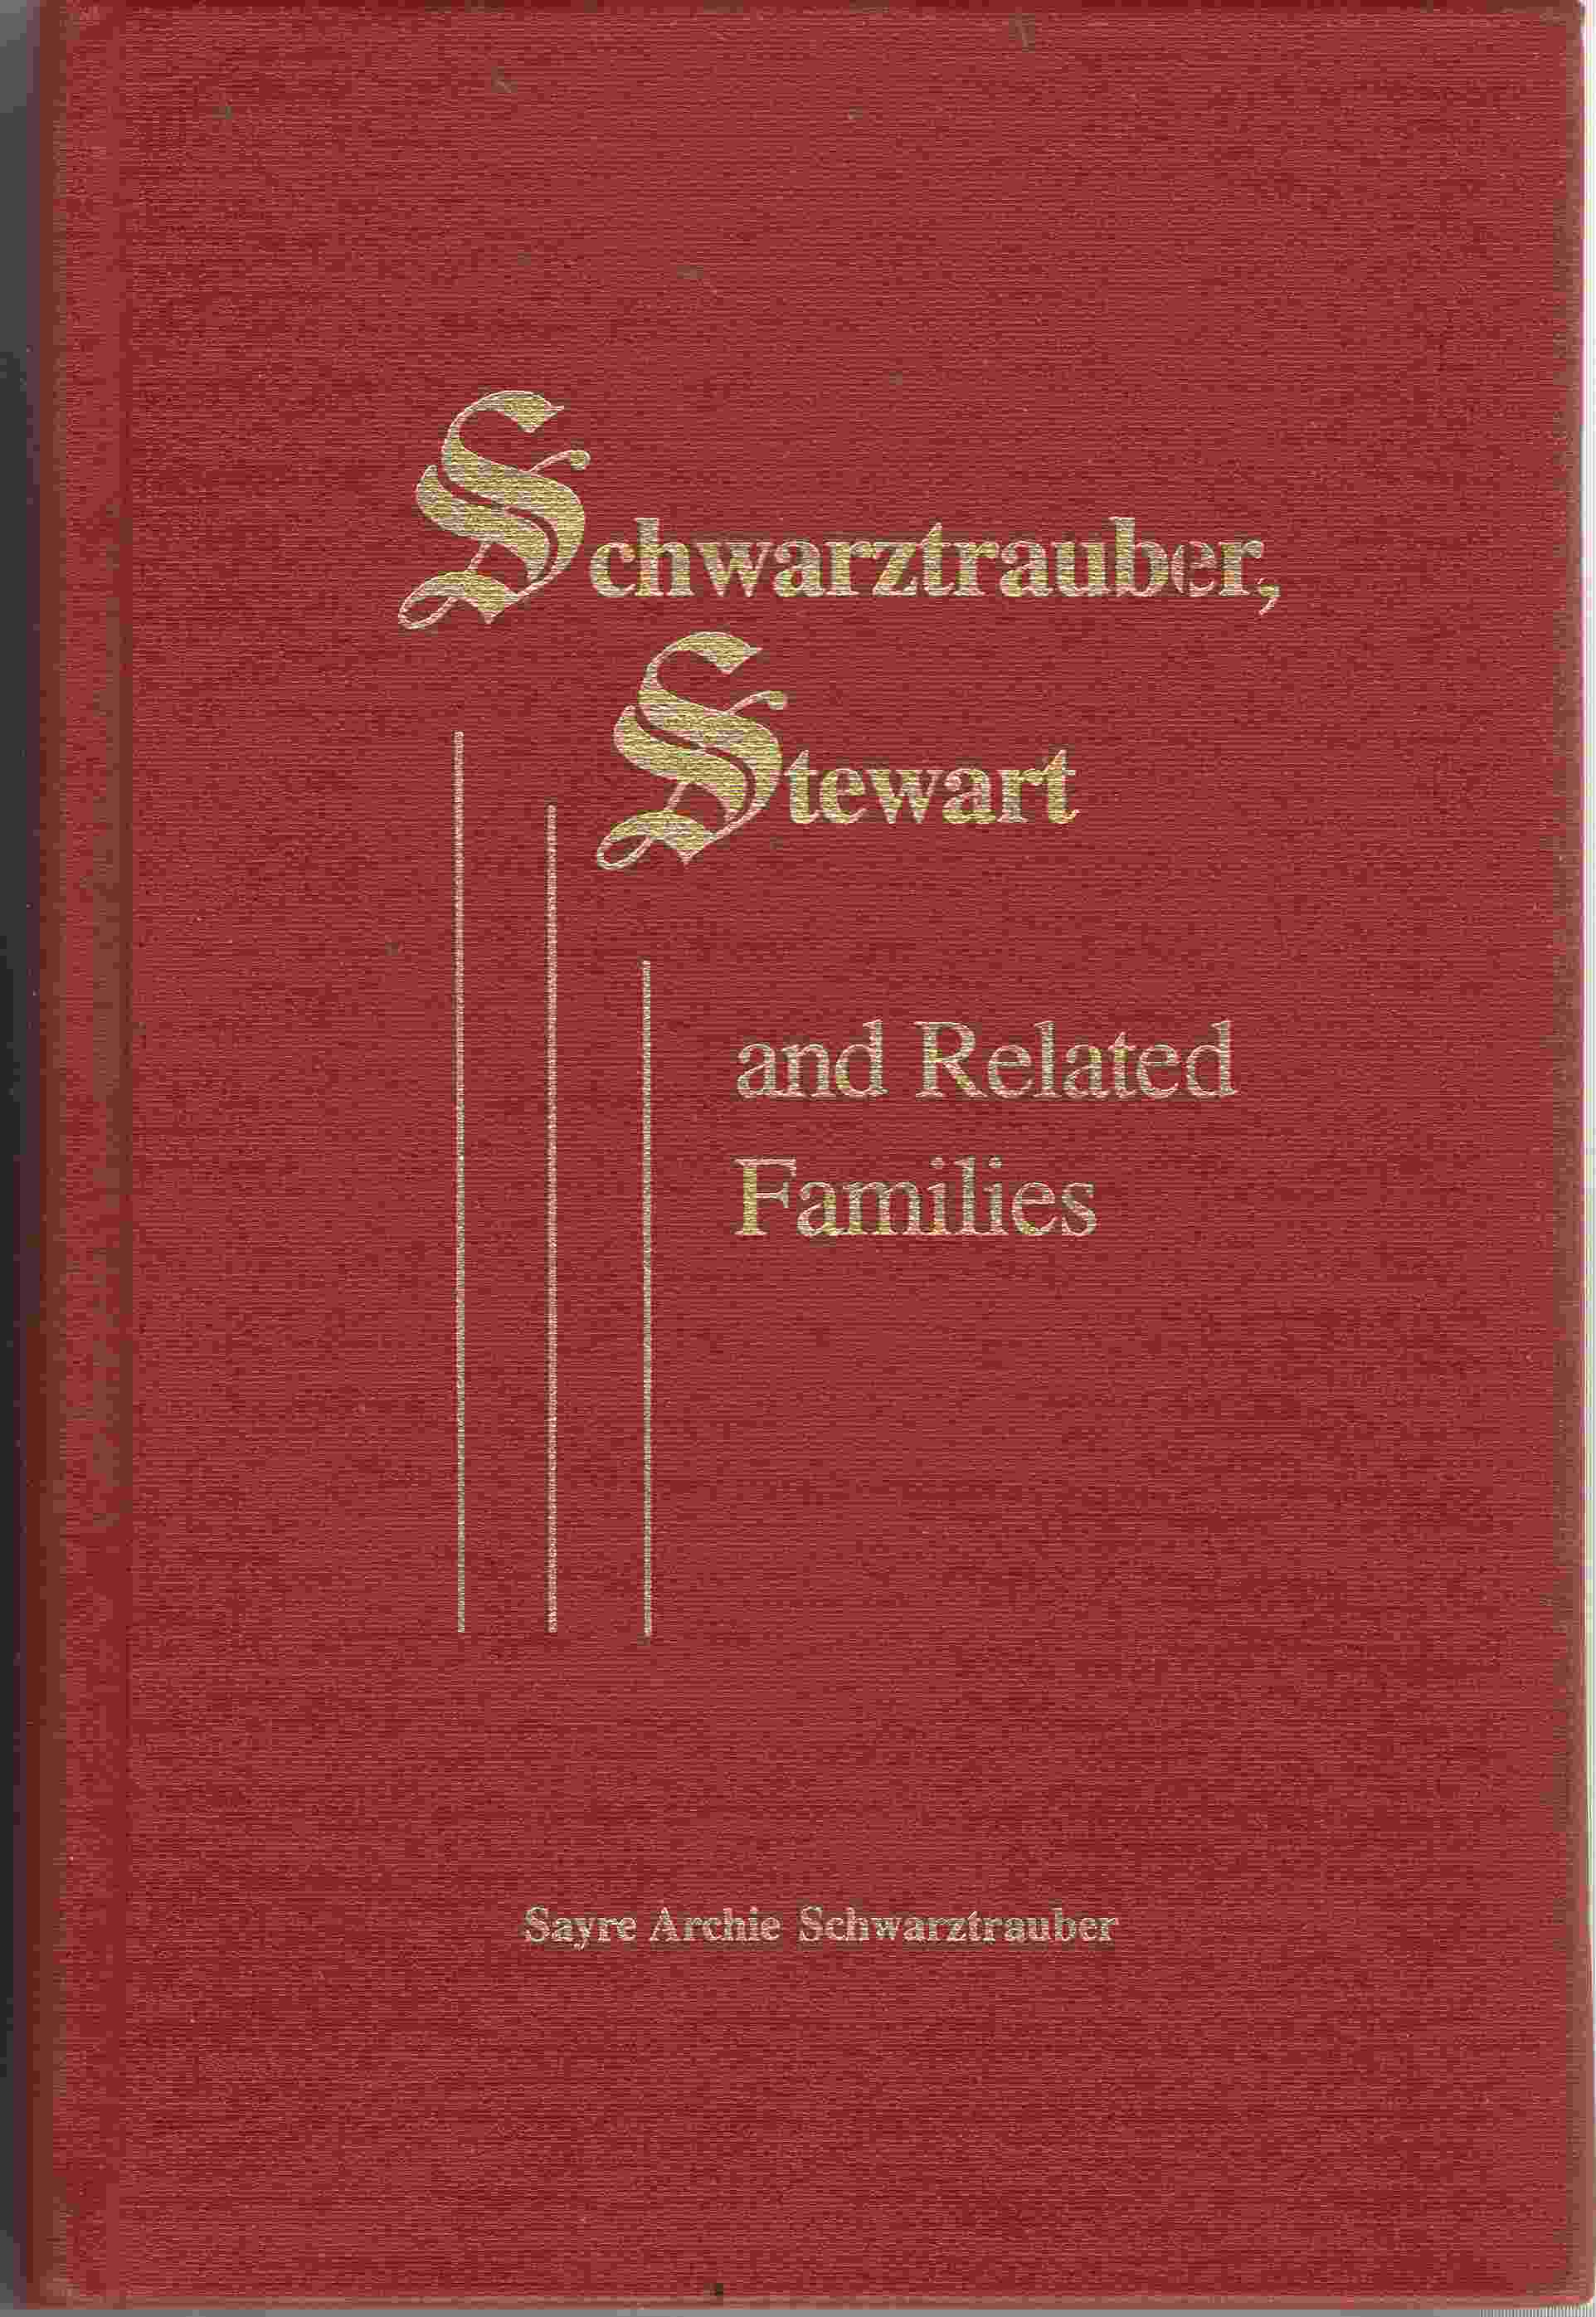 Schwarztrauber, Stewart, and Related Families, Schwarztrauber, Sayre Archie